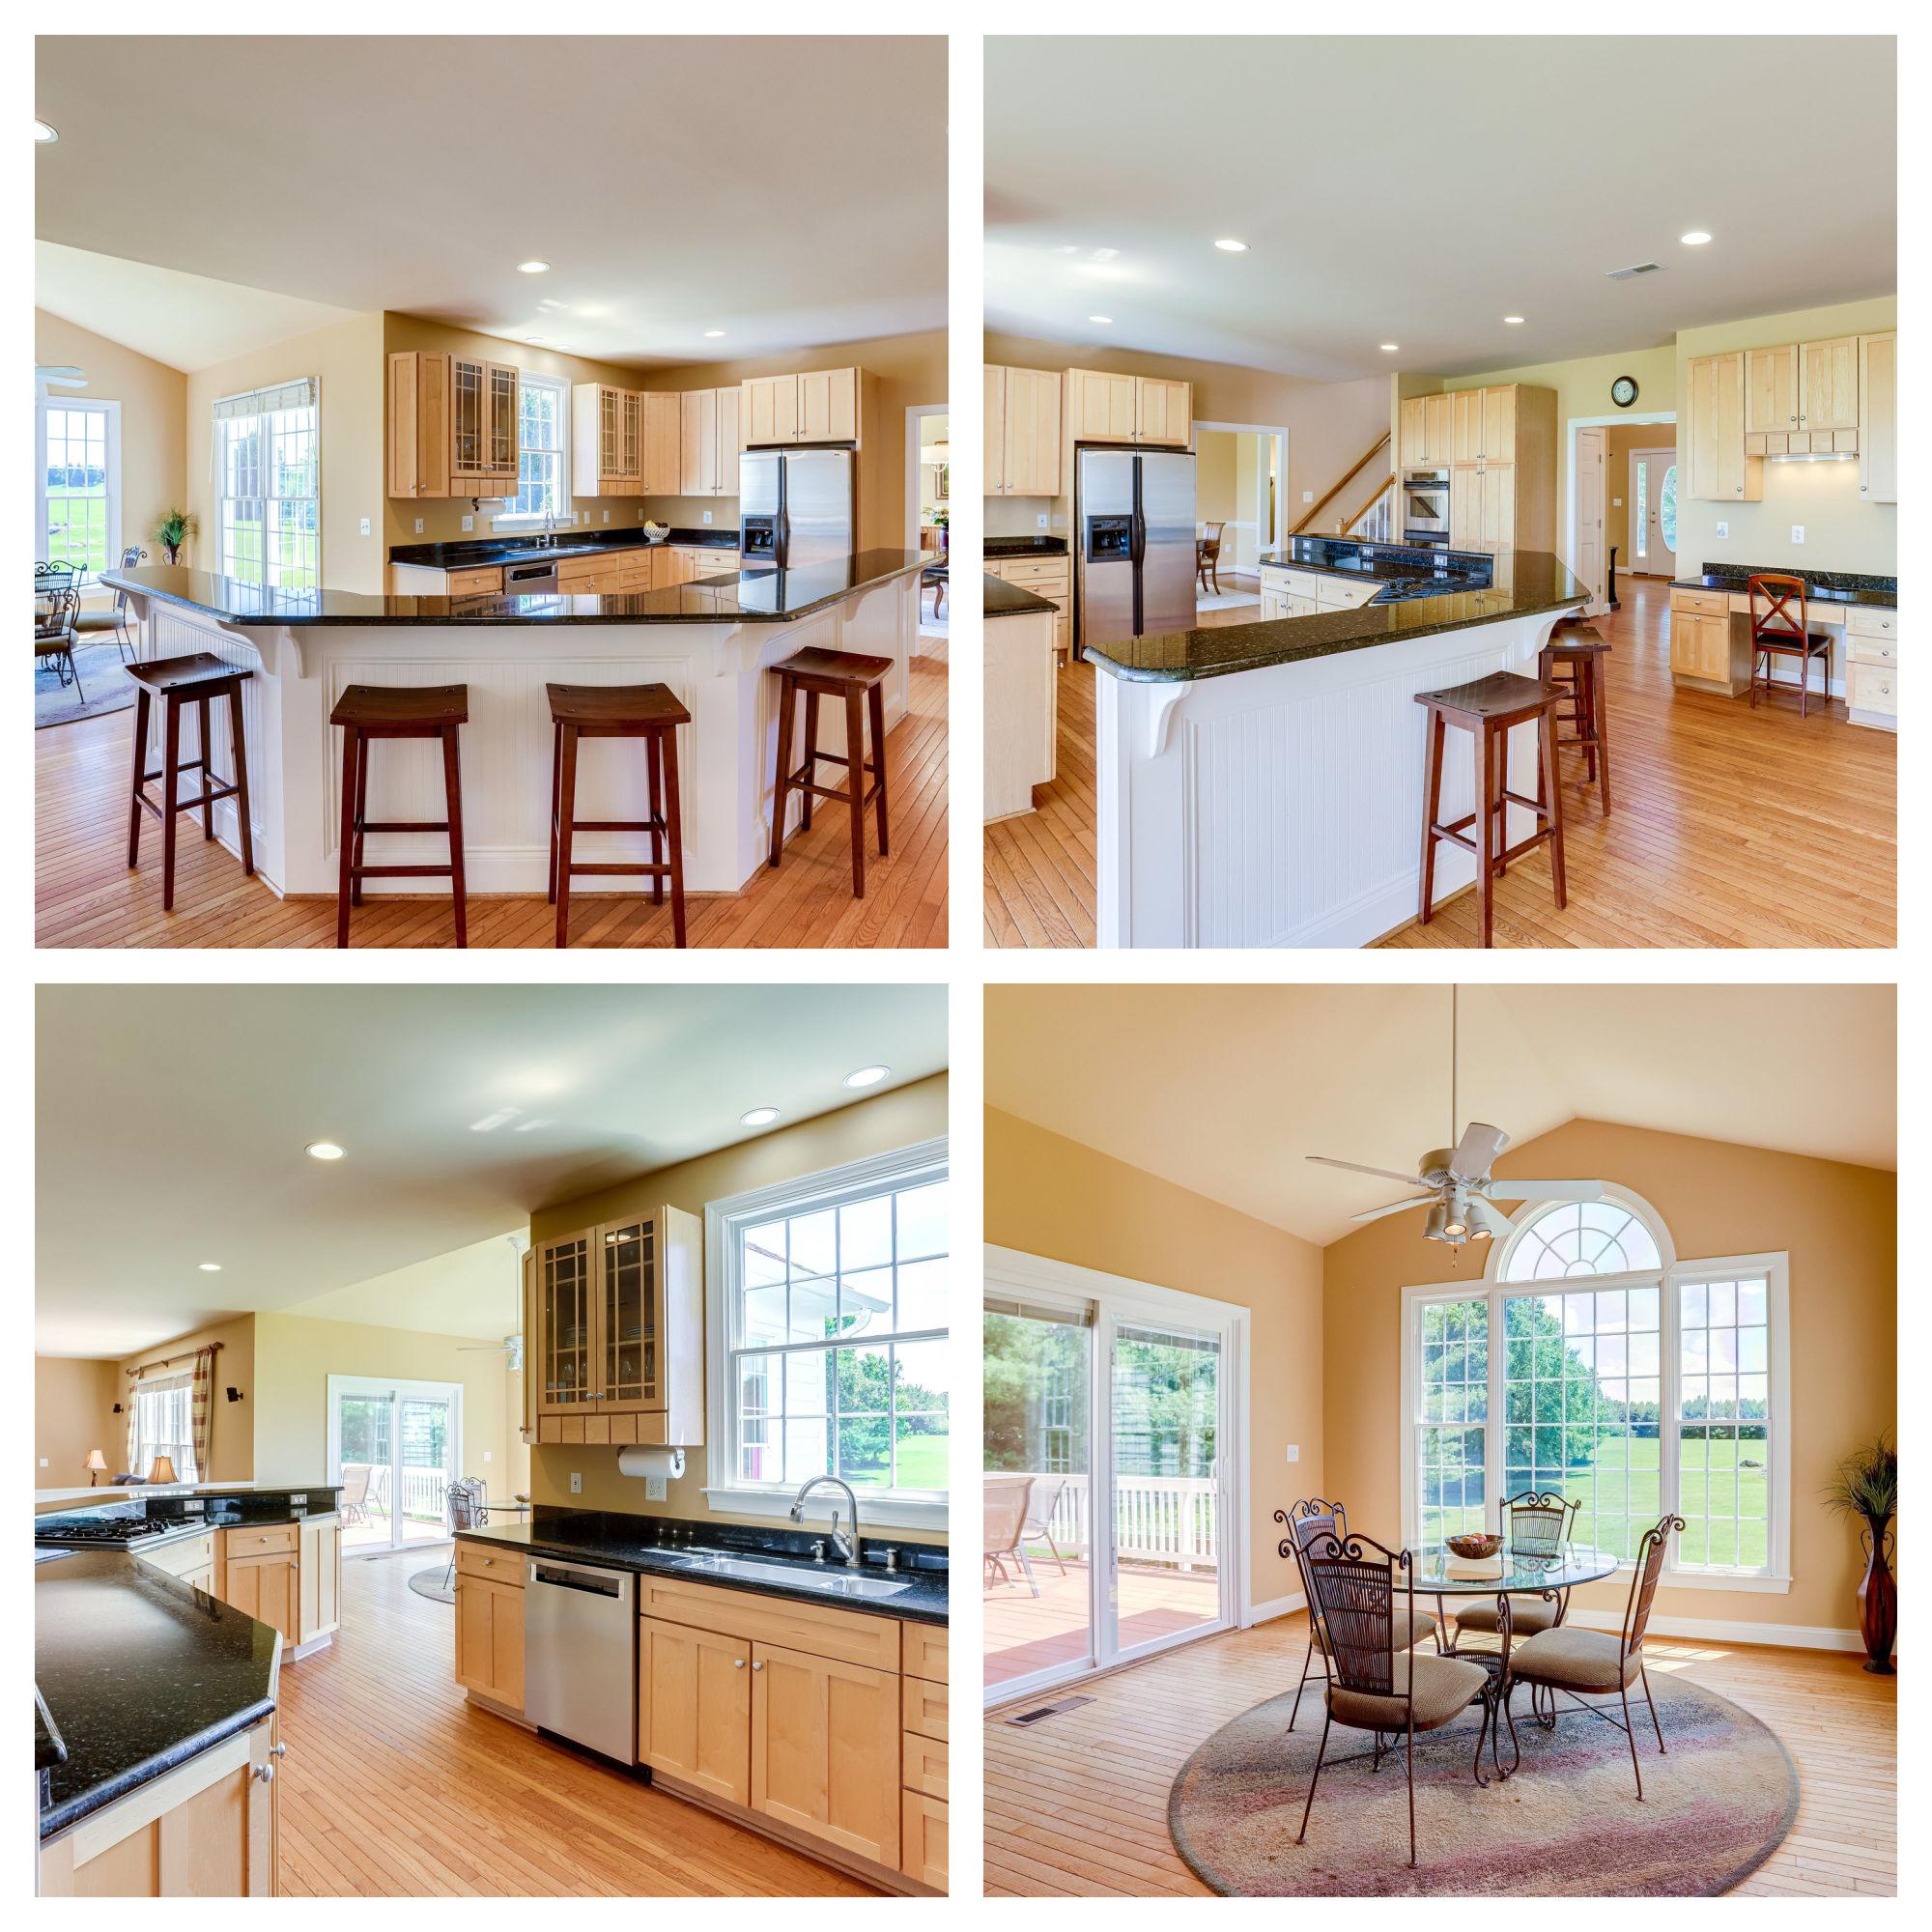 42259 Big Springs Ct, Leesburg- Kitchen